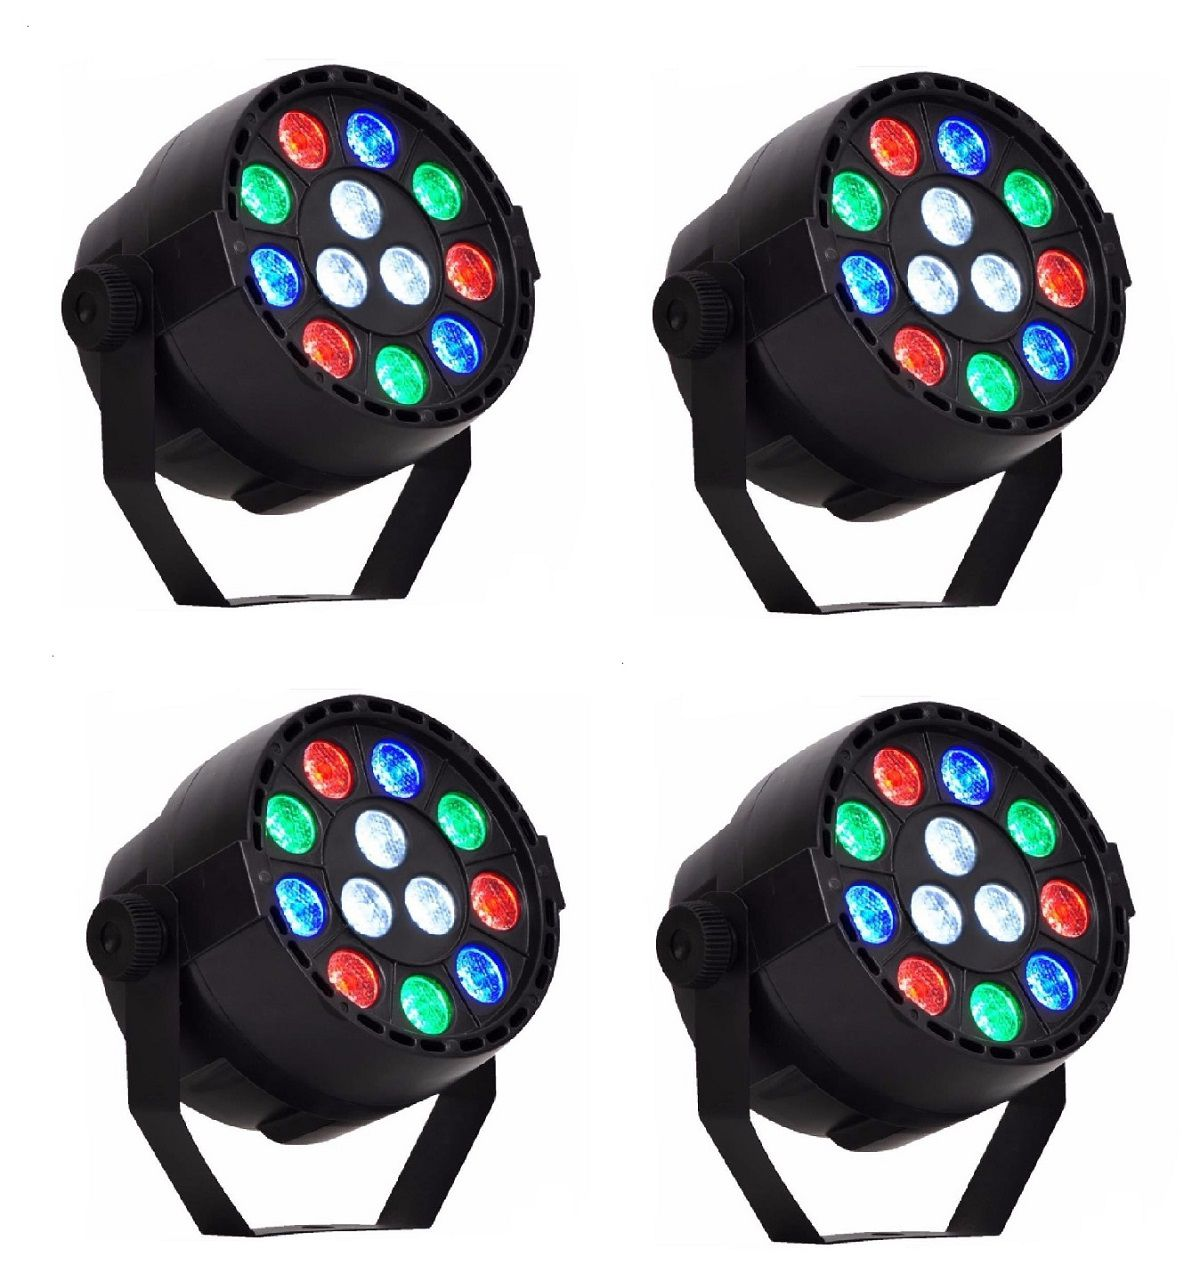 Kit 4x Canhão de Luz Refletor Par 12 Leds 1W RGB DMX Display Digital